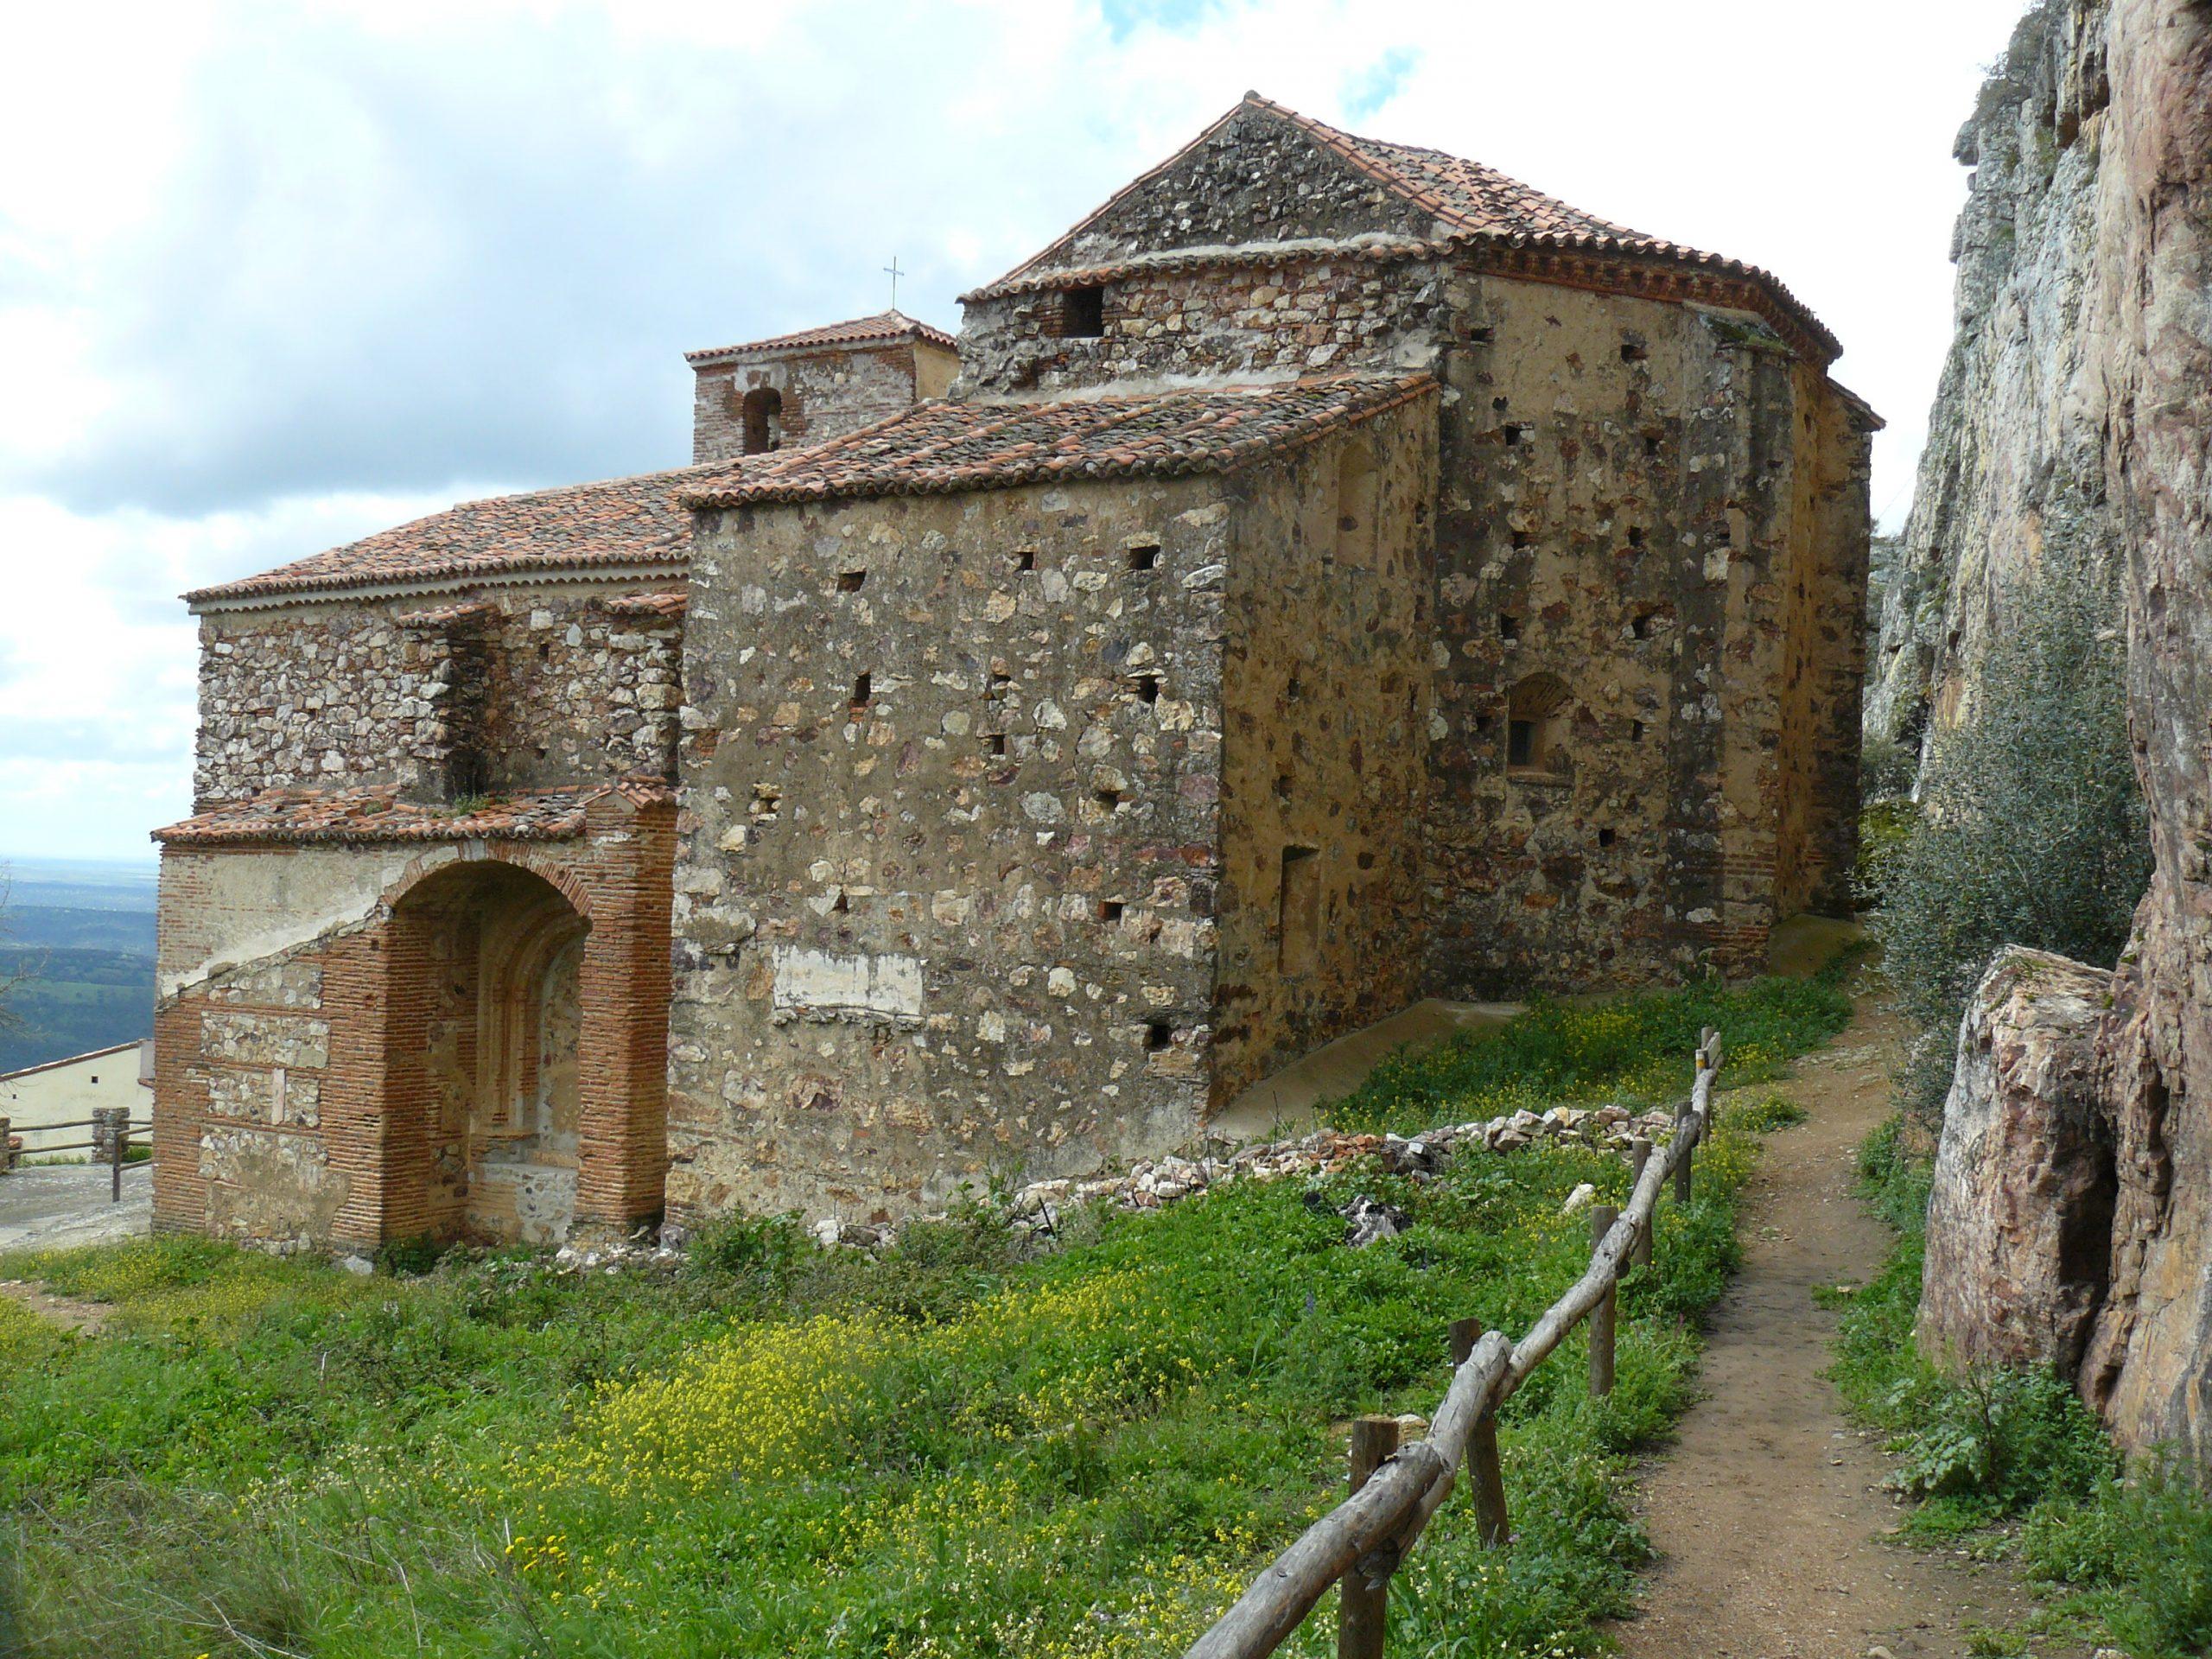 De kerk van Cabañas del Castillo